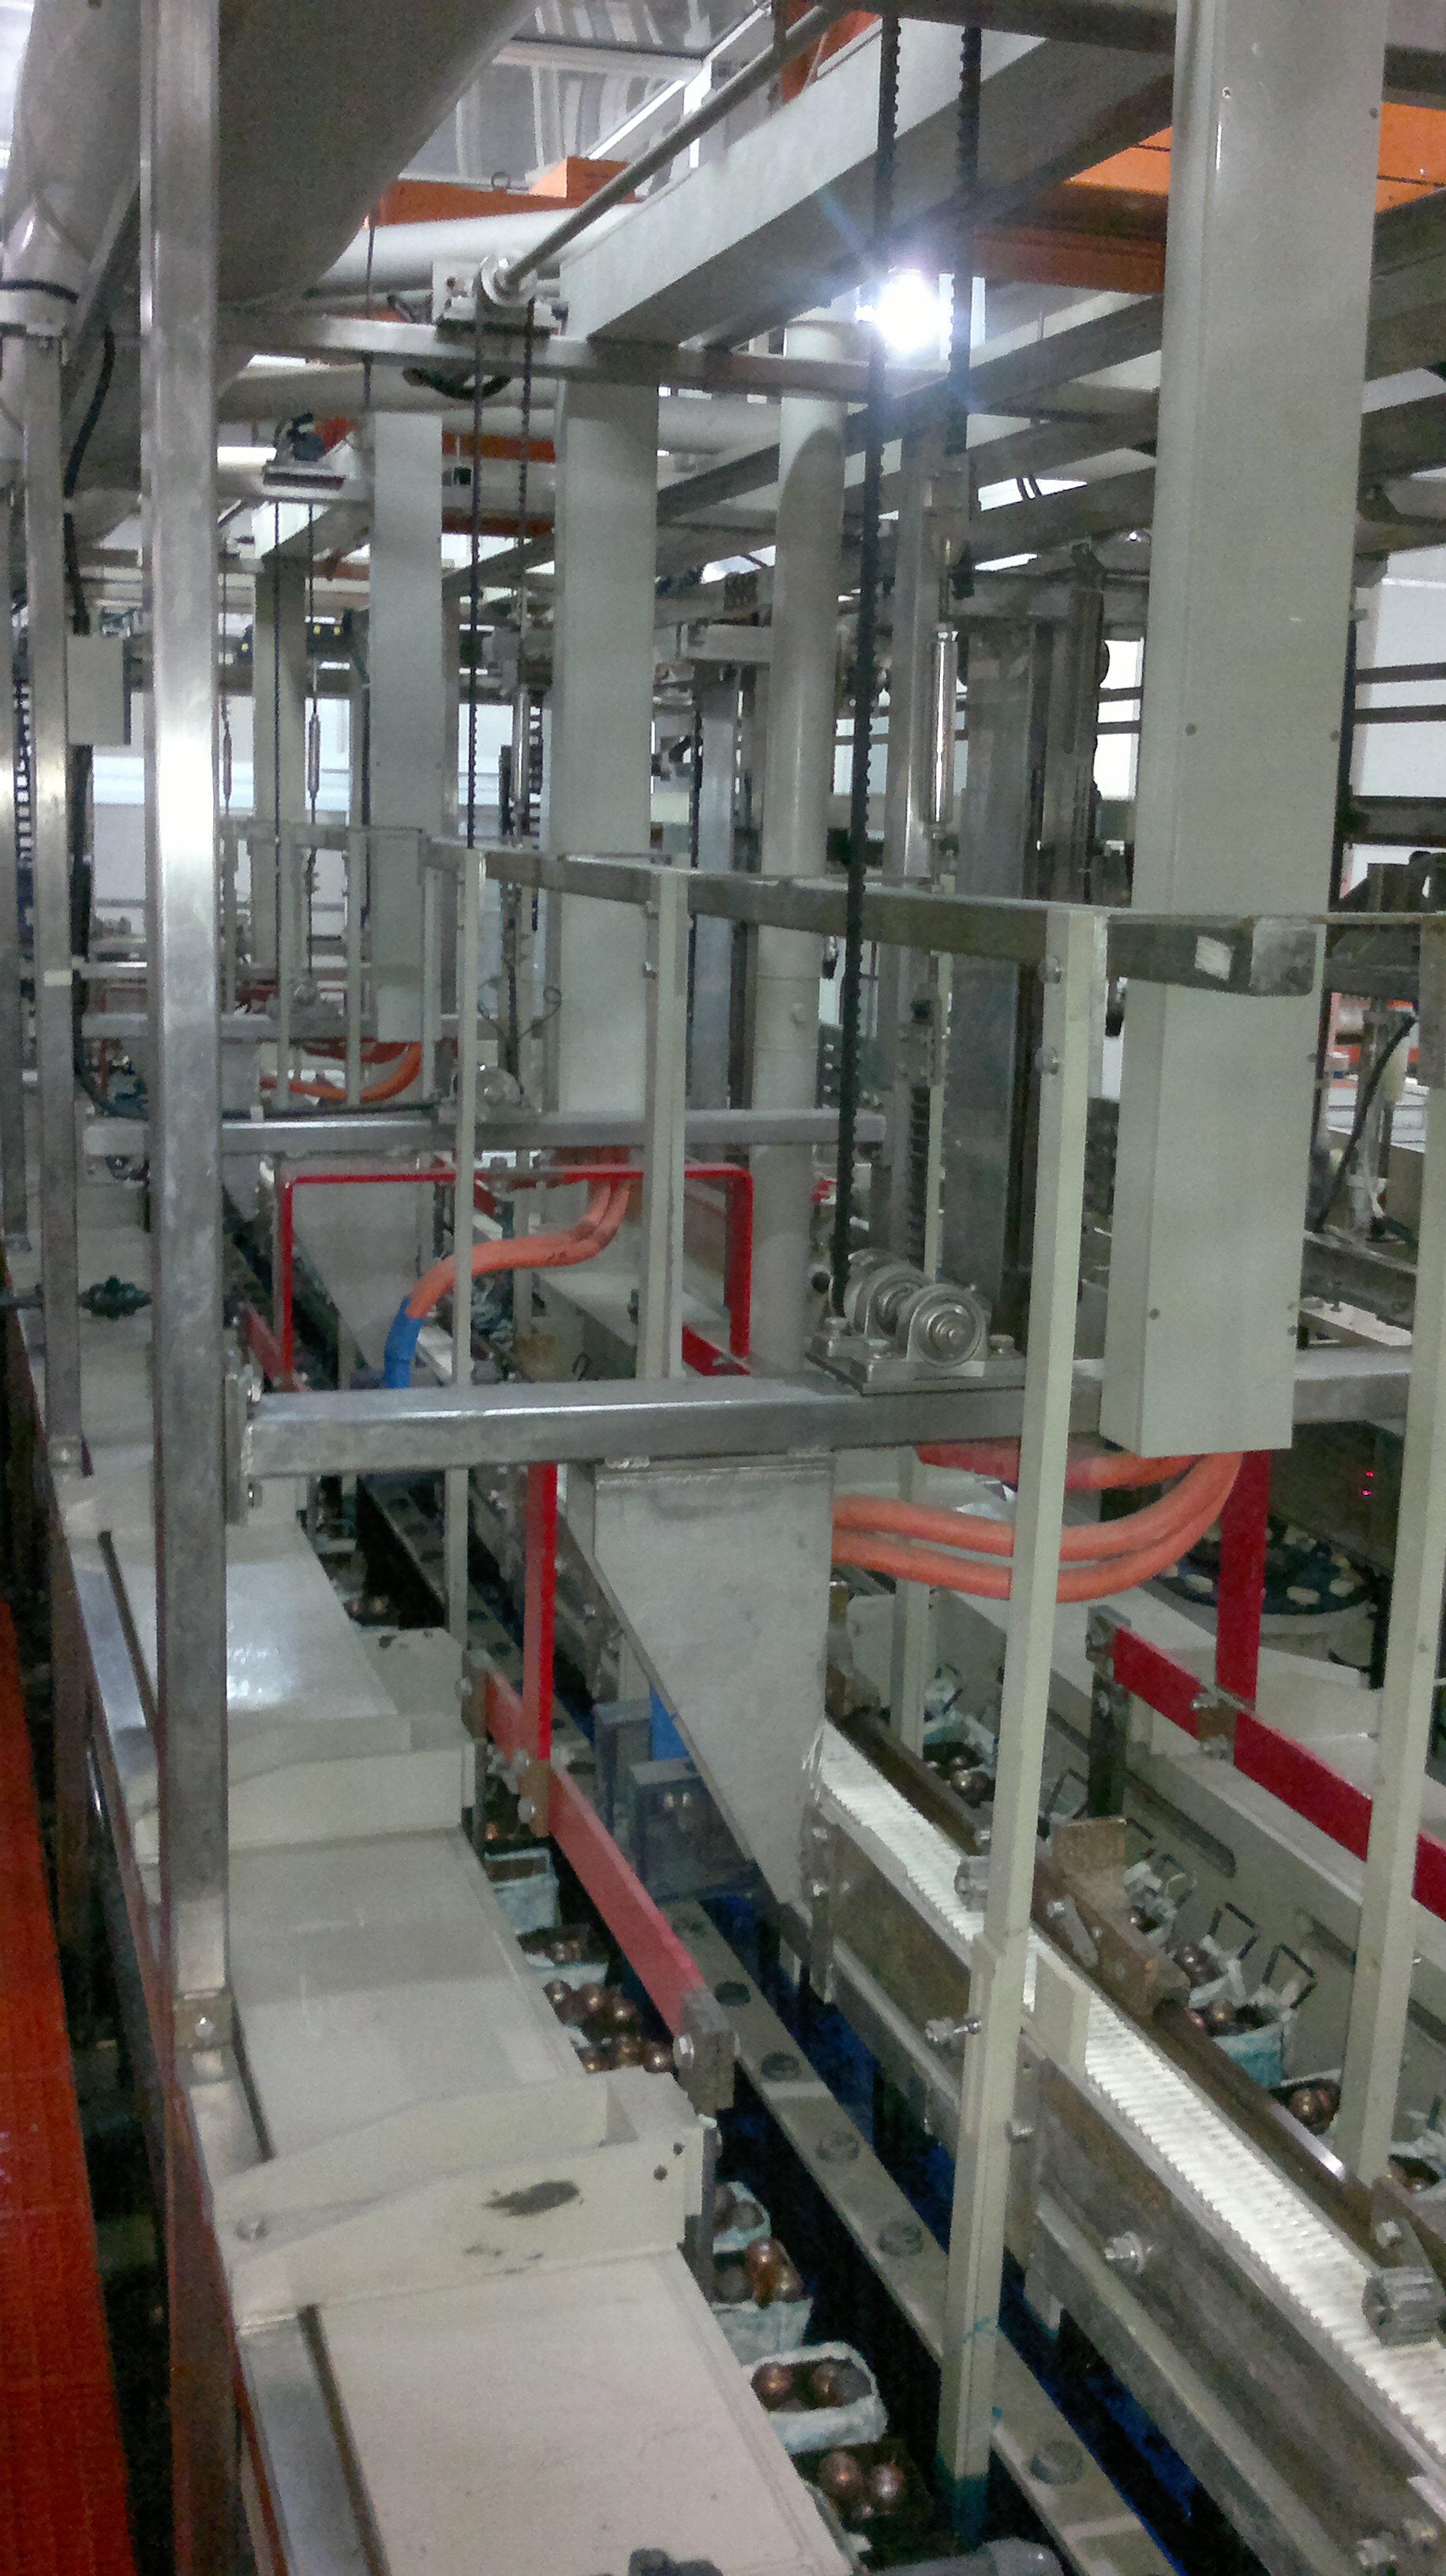 垂直连续电镀(vcp)自动生产线-258.com企业服务平台